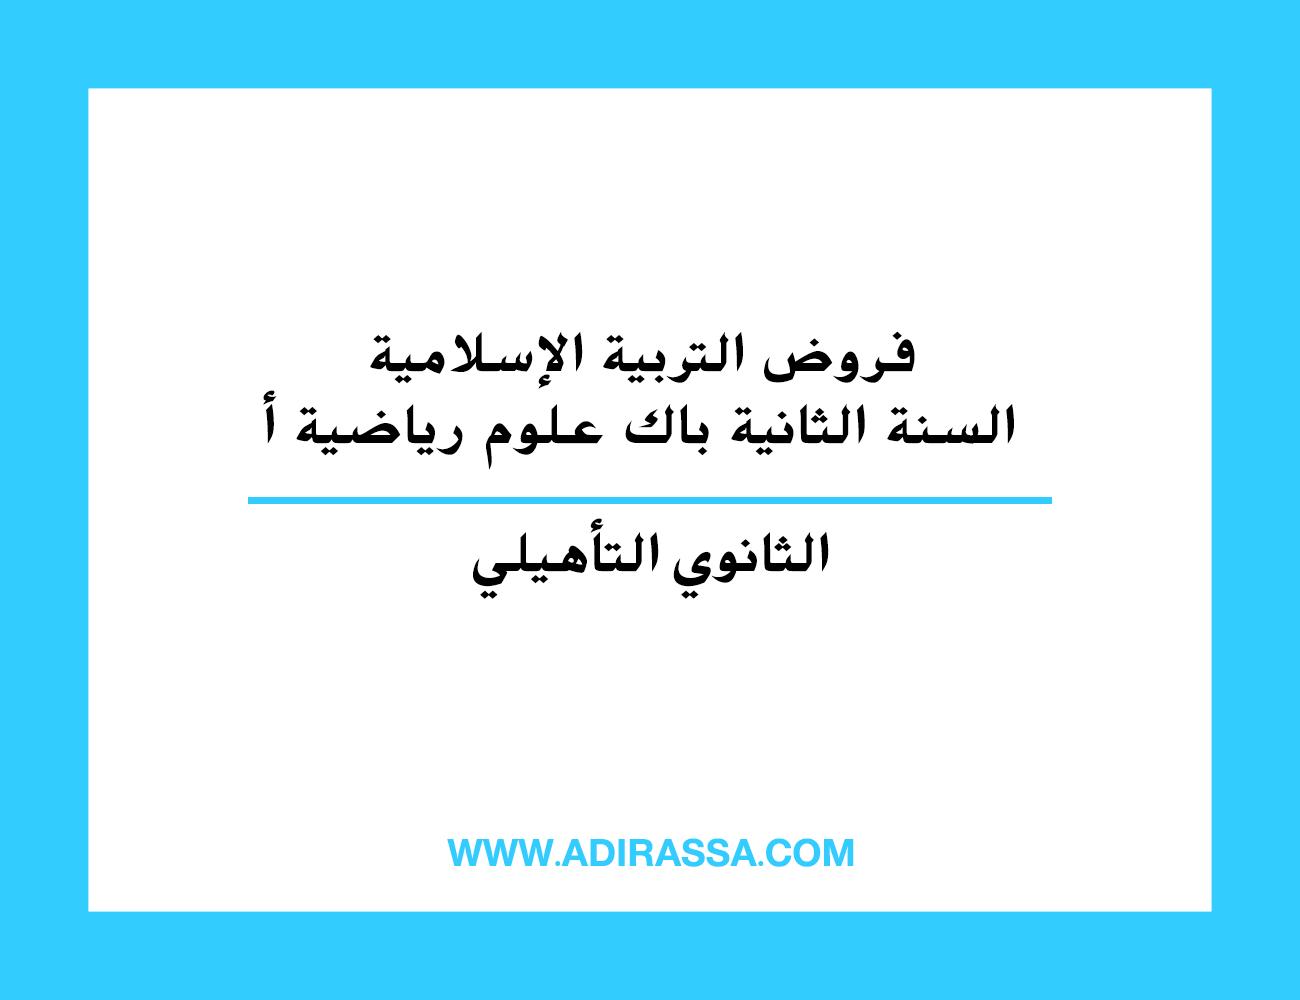 فروض التربية الإسلامية السنة الثانية باك علوم رياضية أ بالثانوي التأهيلي